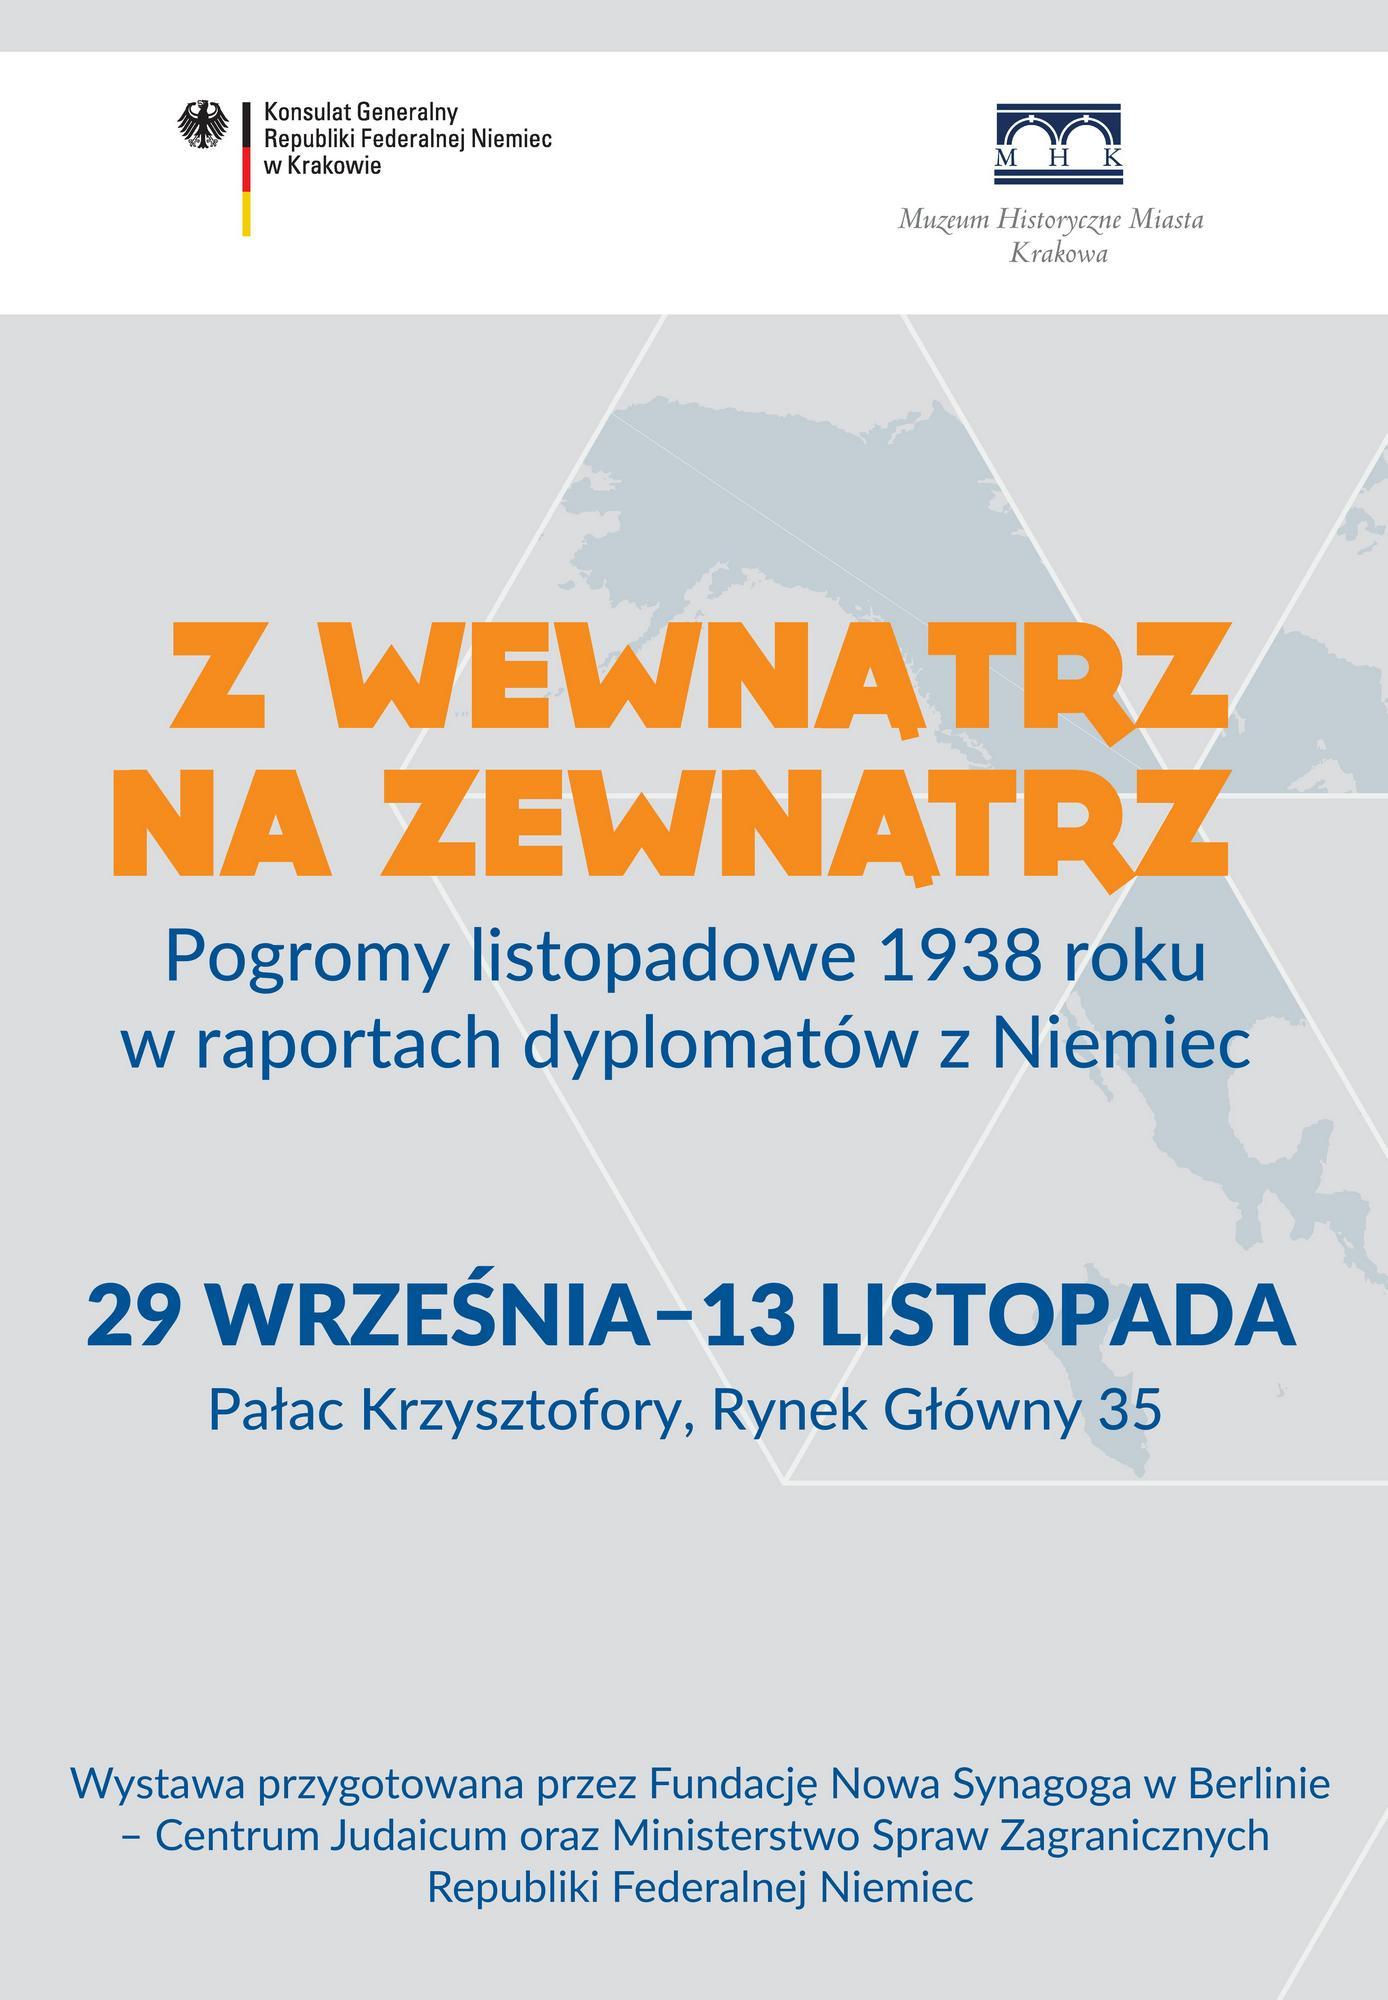 """""""Z wewnątrz na zewnątrz. Pogromy listopadowe 1938 roku w raportach dyplomatów z Niemiec"""" – plakat (źródło: materiały prasowe)"""